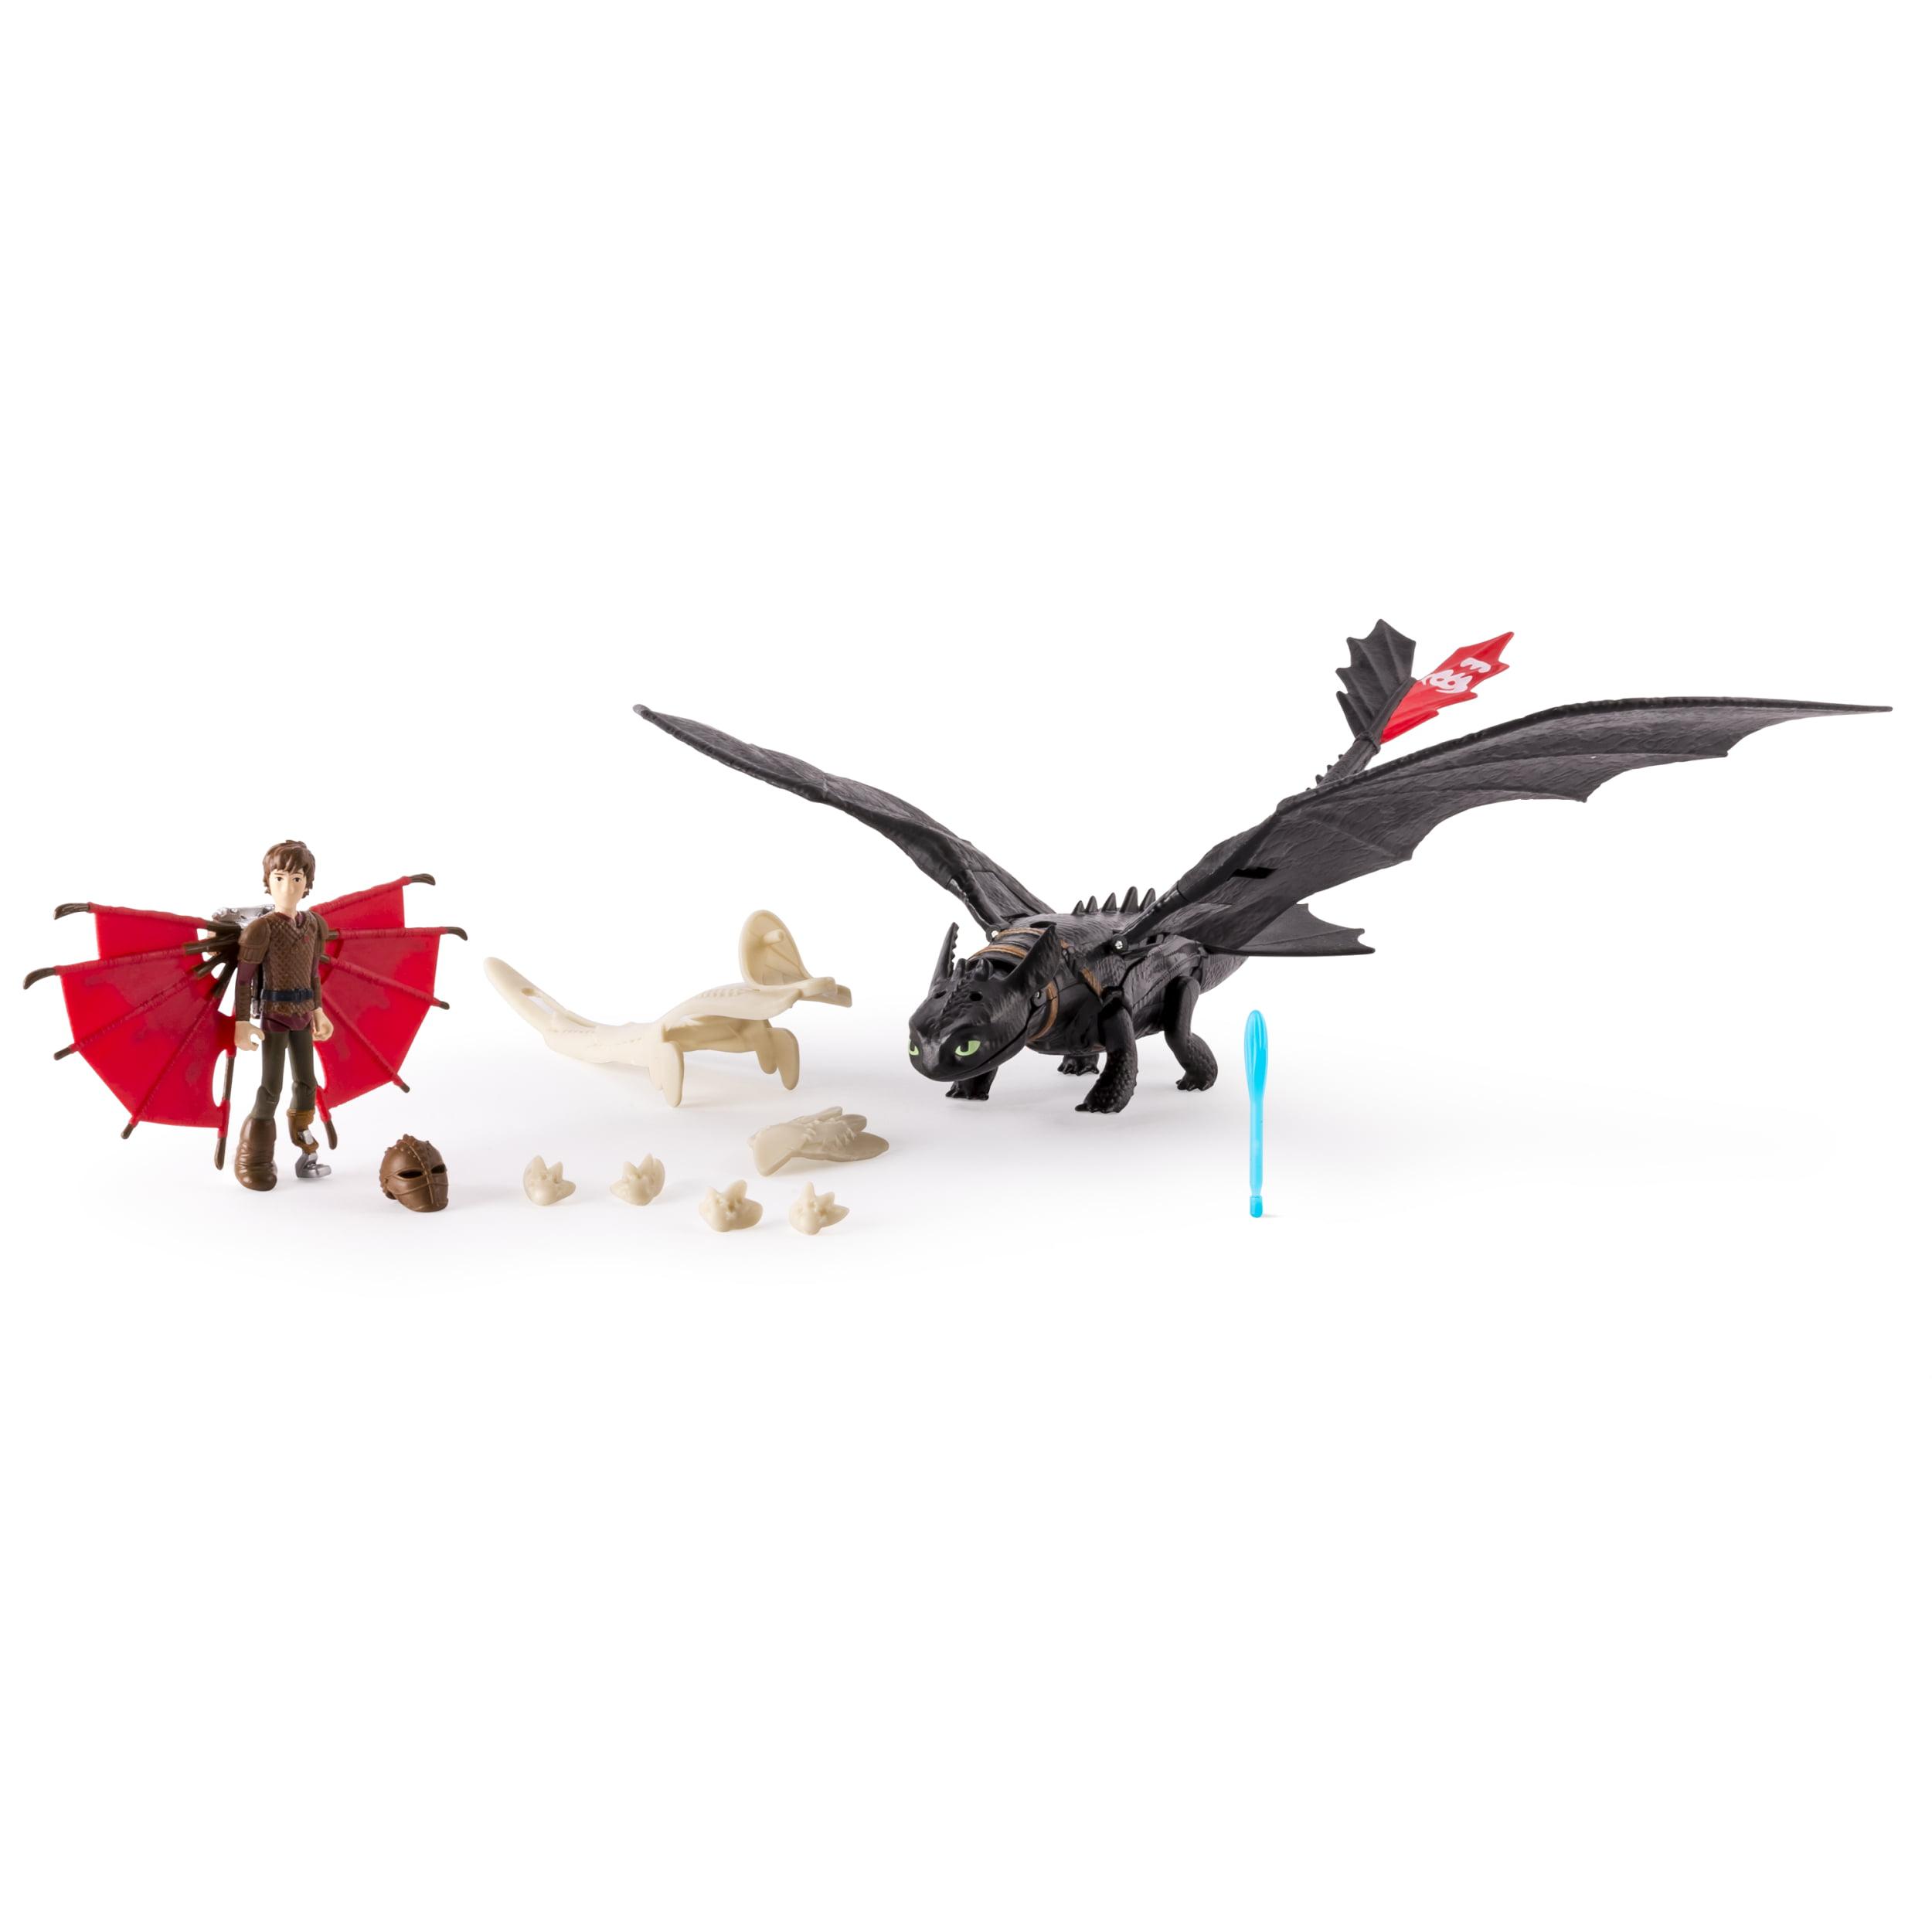 железа картинки игрушки драконы гонки по краю честь хэллоуина представляем